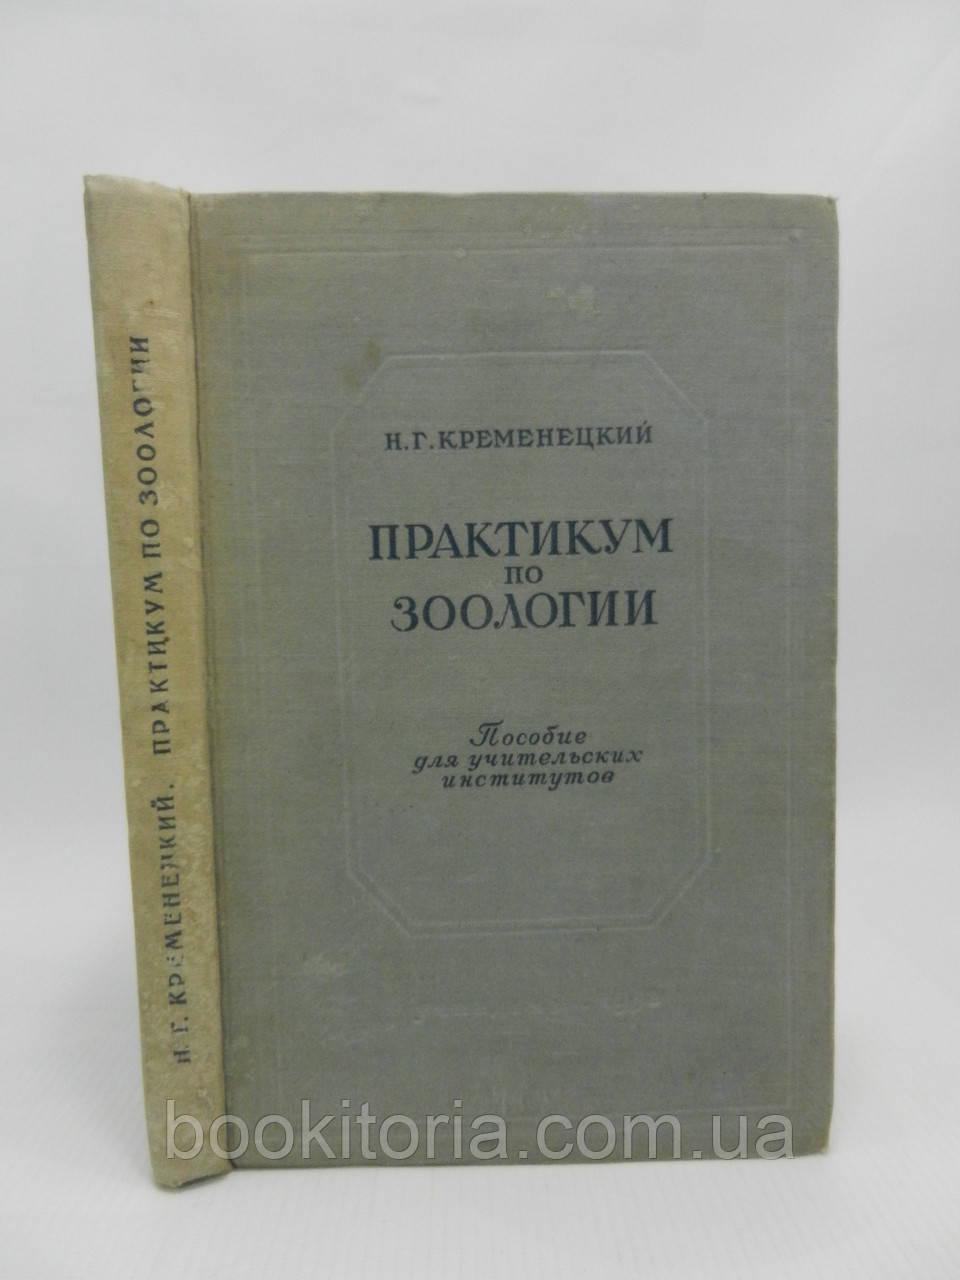 Кременецкий Н.Г. Практикум по зоологии (б/у).